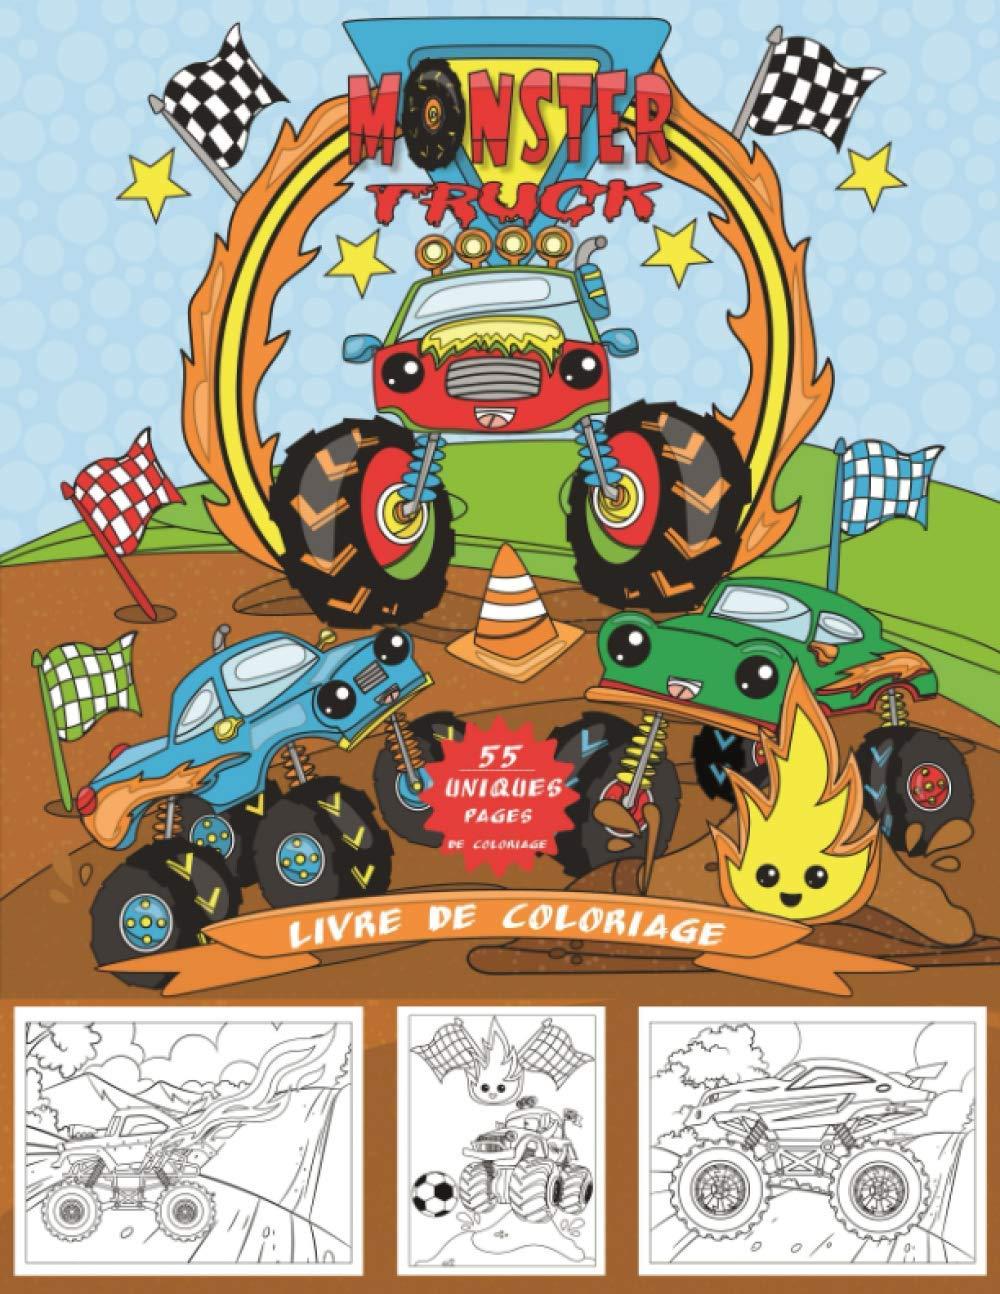 Livre De Coloriage Monster Truck 55 Pages A Colorier Uniques Sur Les Monster Trucks Pour Les Enfants De 4 A 8 Ans Pour Les Garcons Et Les Filles French Edition Le Petit